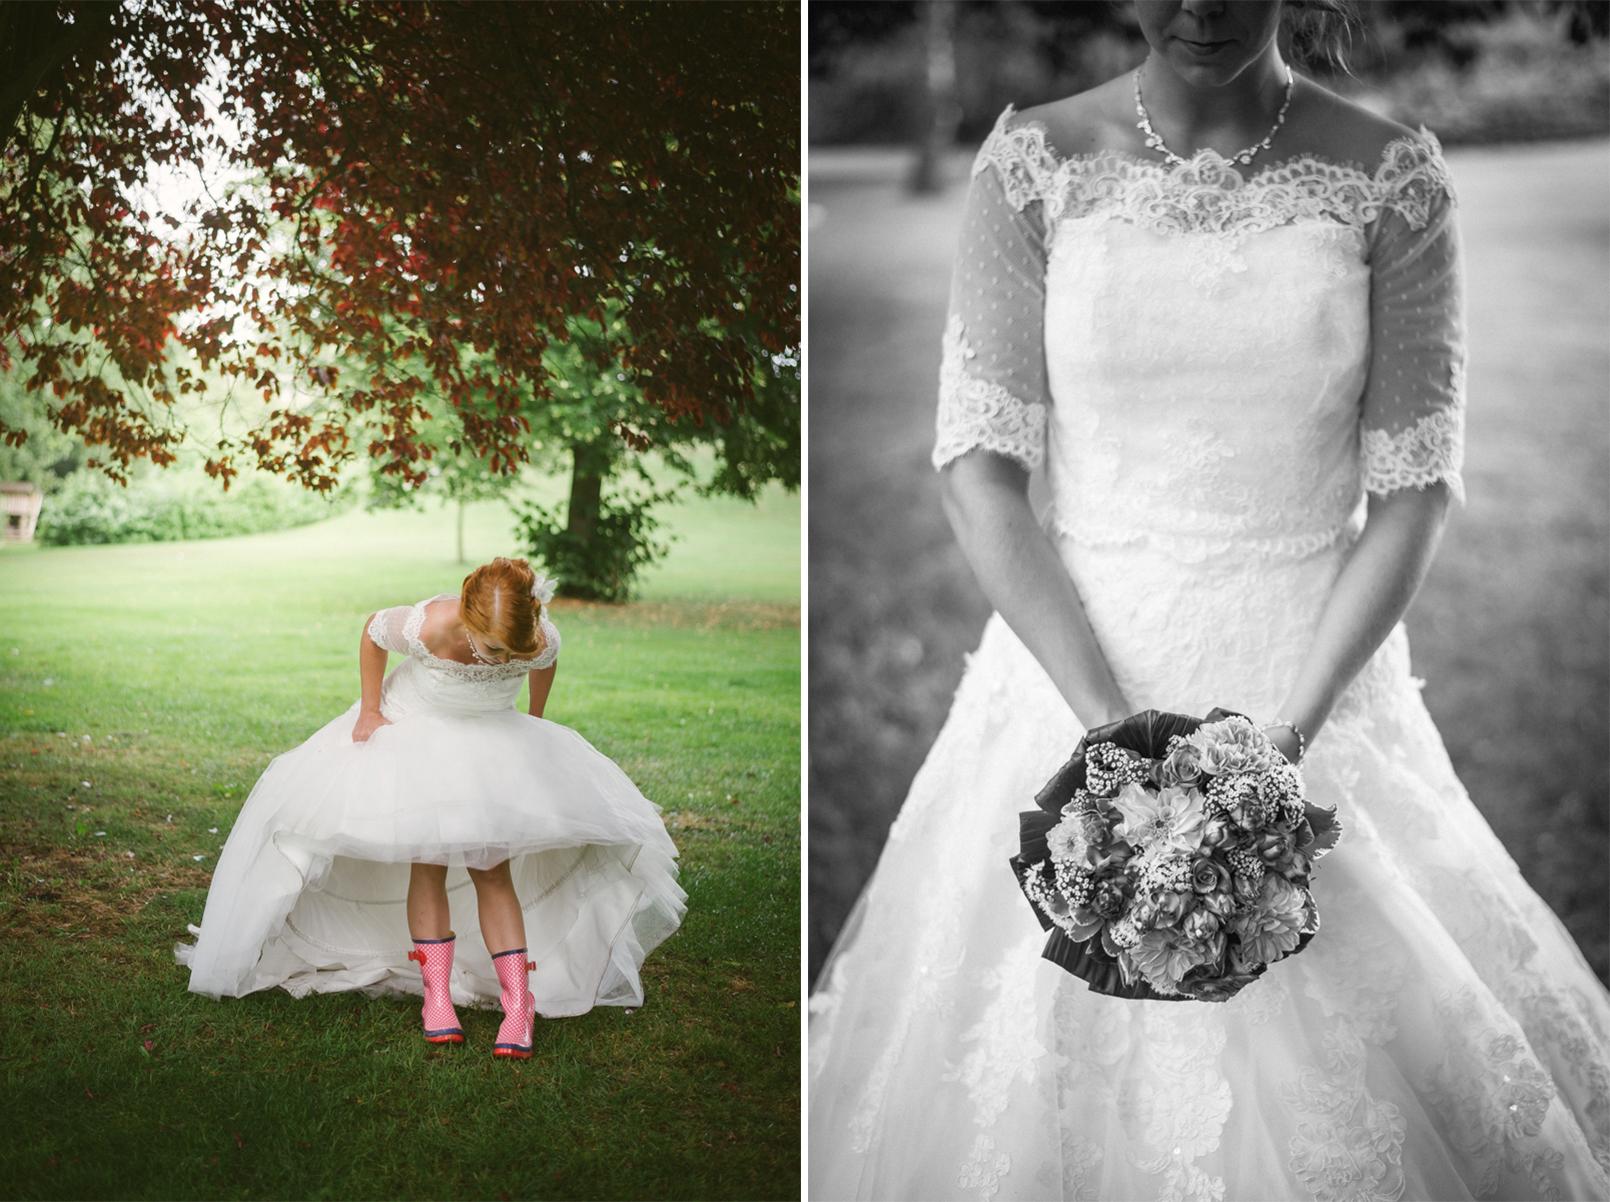 Hochzeitsfotograf-Baesweiler-Aachen-Dreamcatcher-Photography-0033